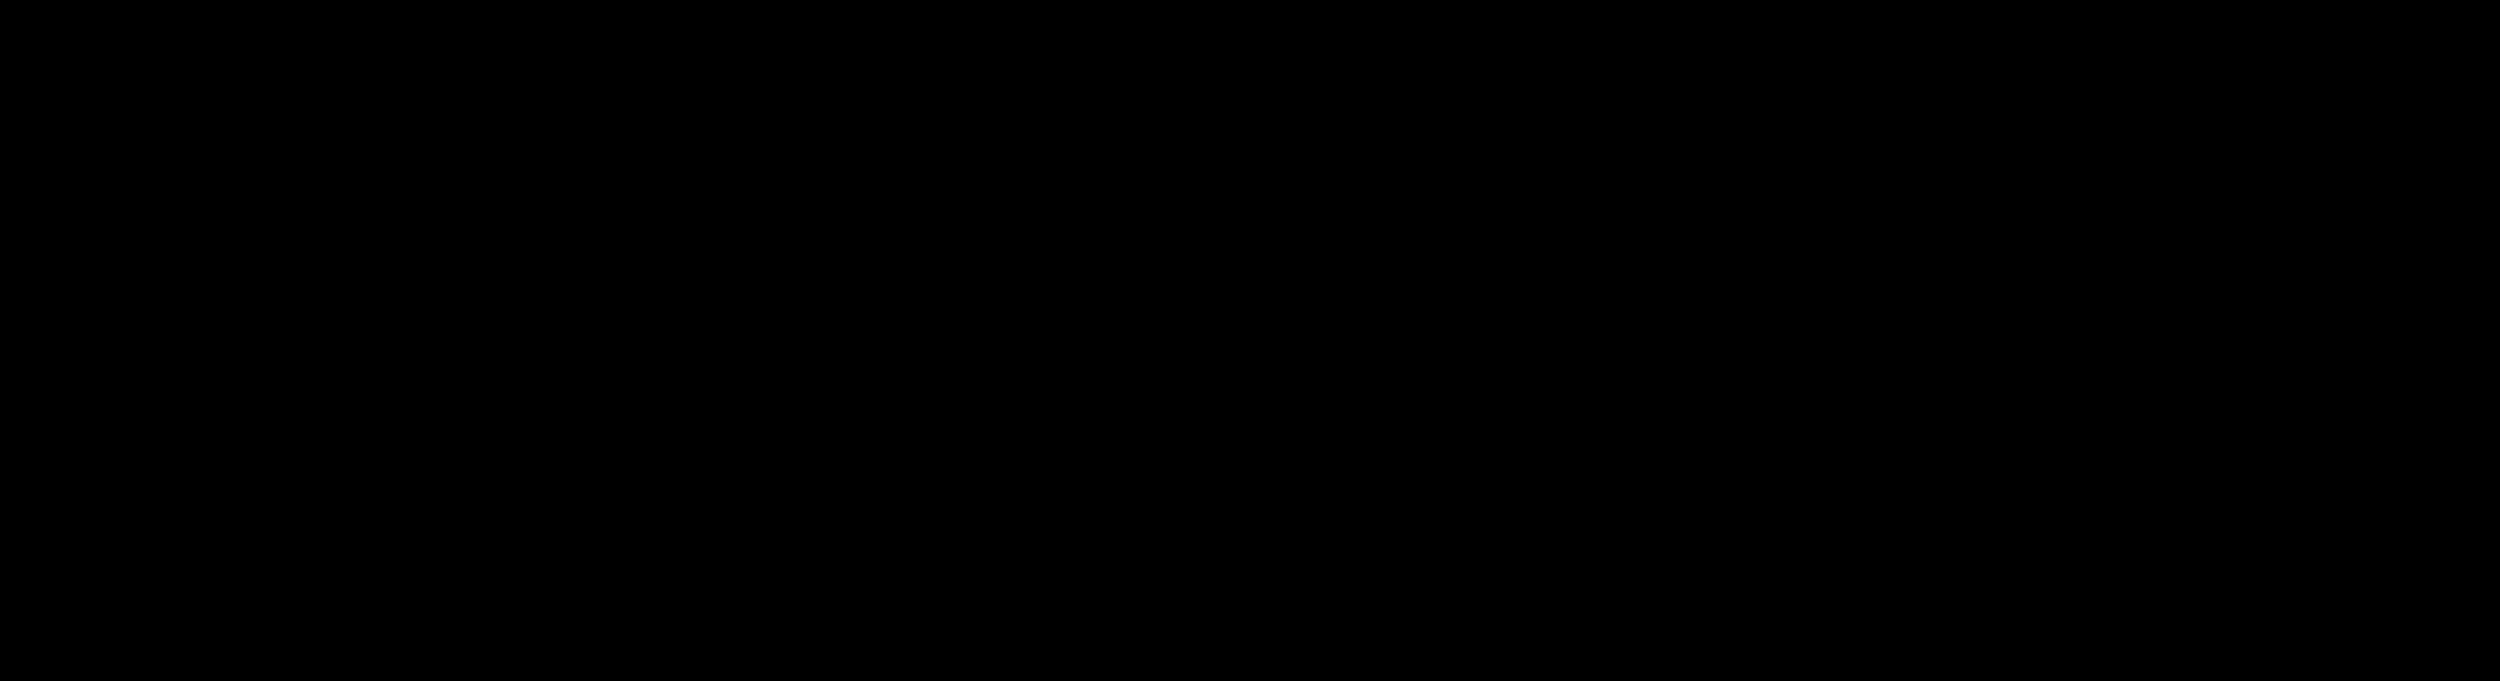 Akin Gump-Logo.png